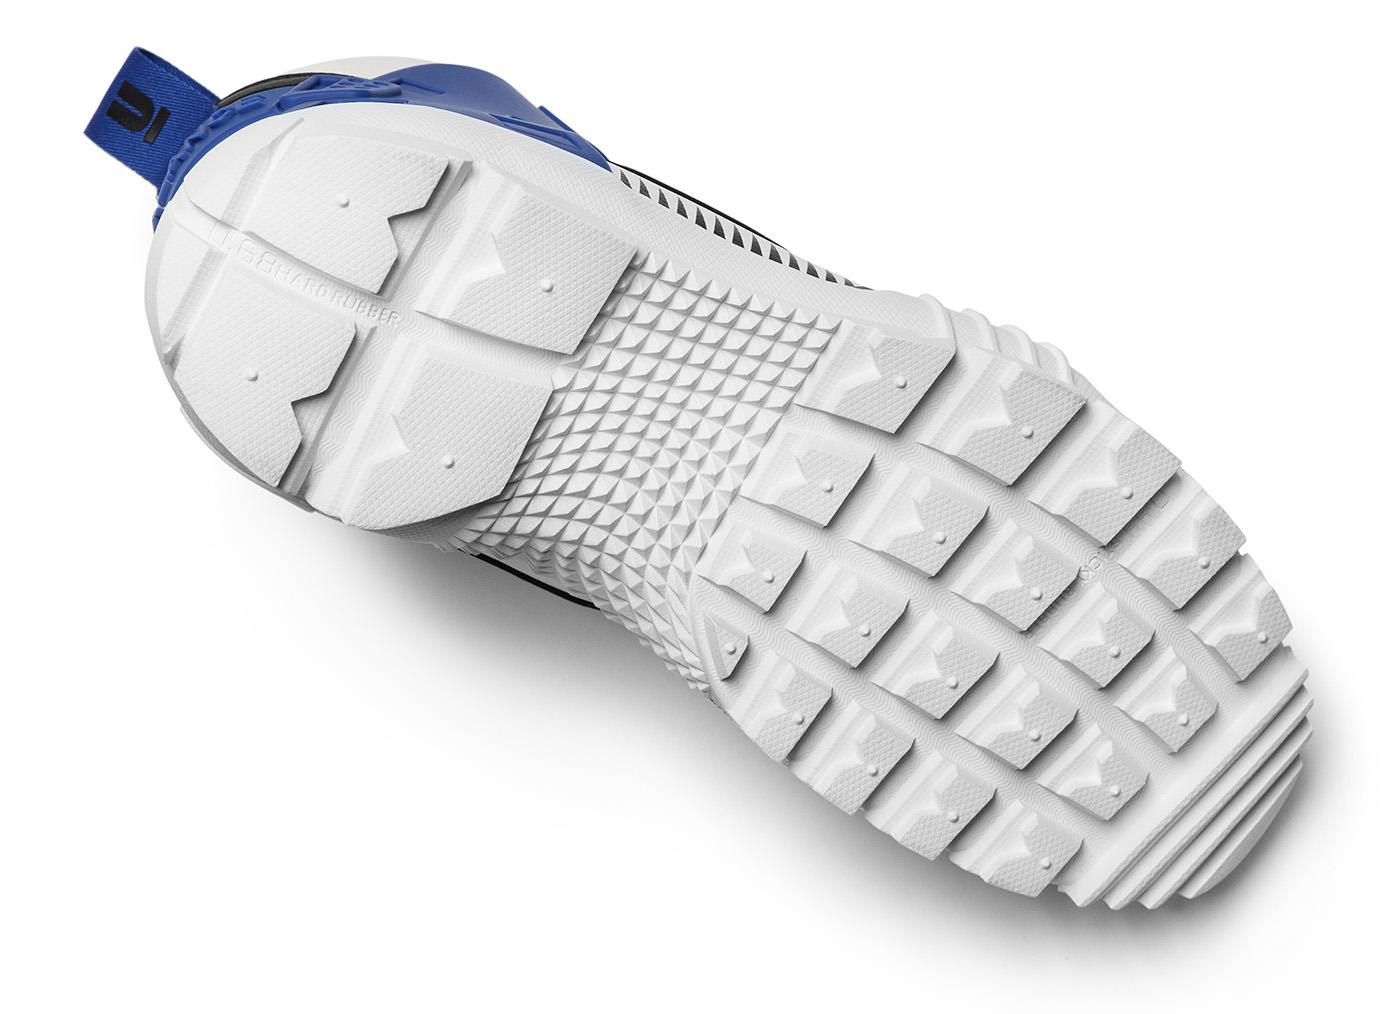 Nike_Lab_JUNGLE_DIUNK_910092_100_OUT_original